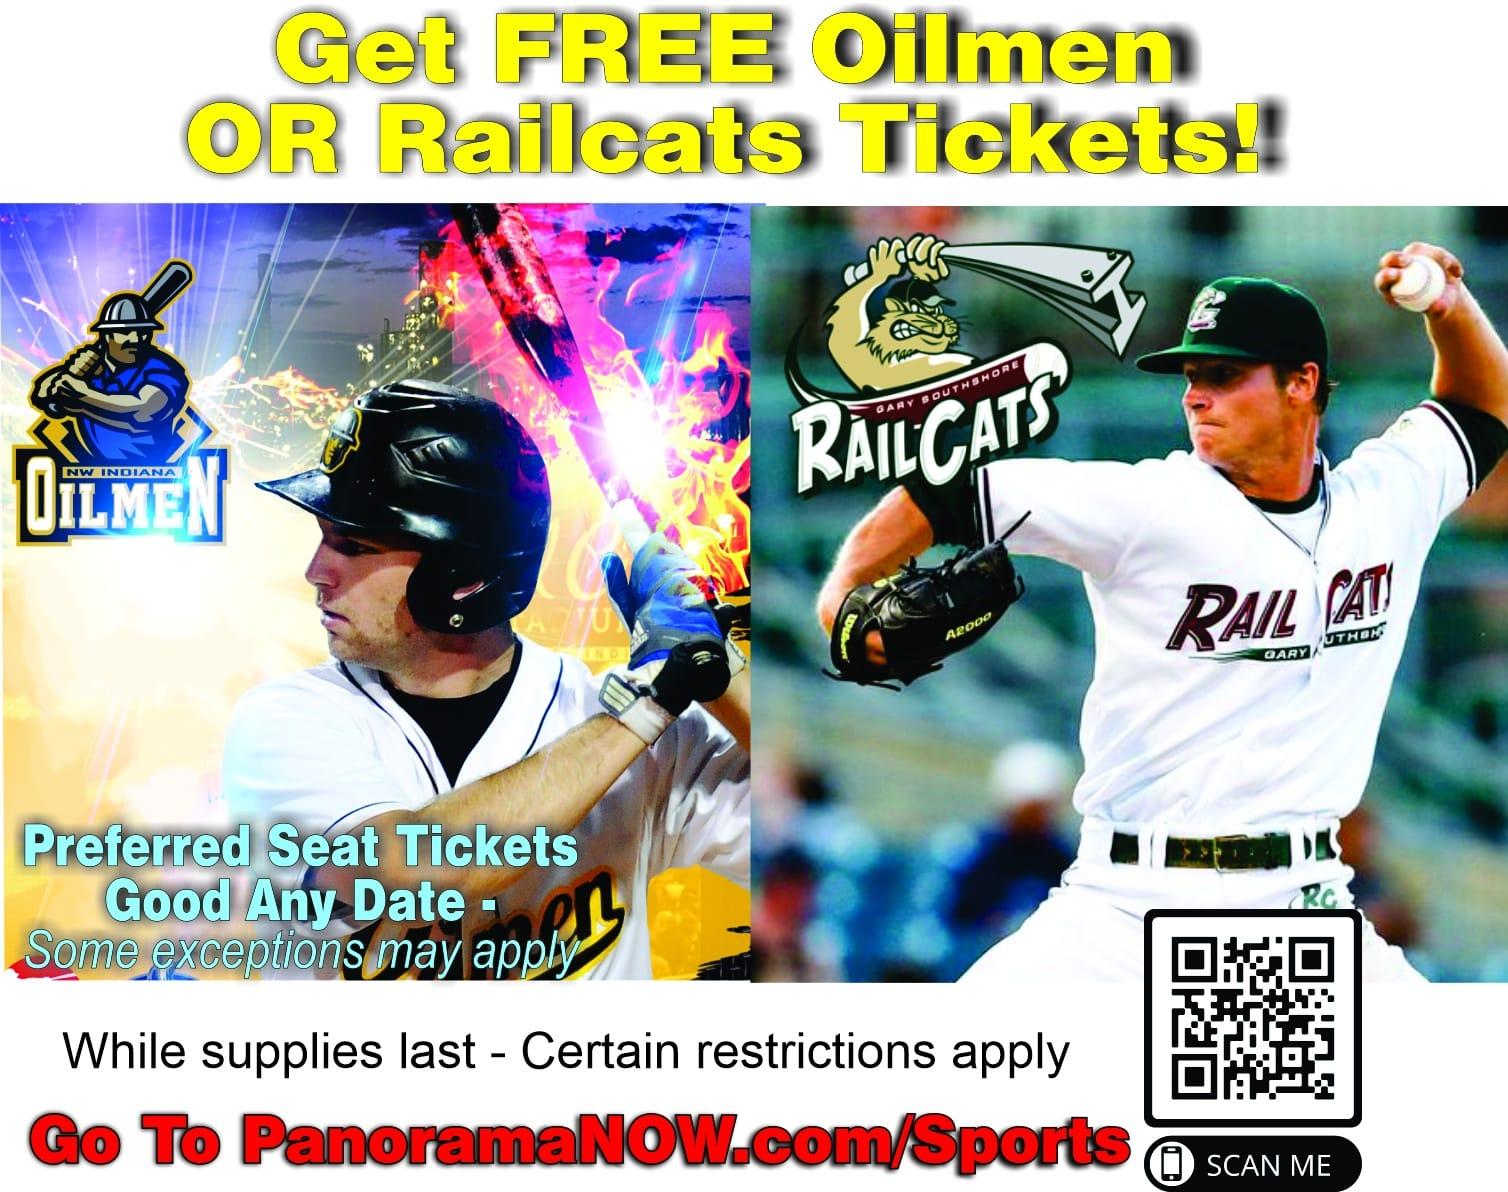 baseball free tickets both teams